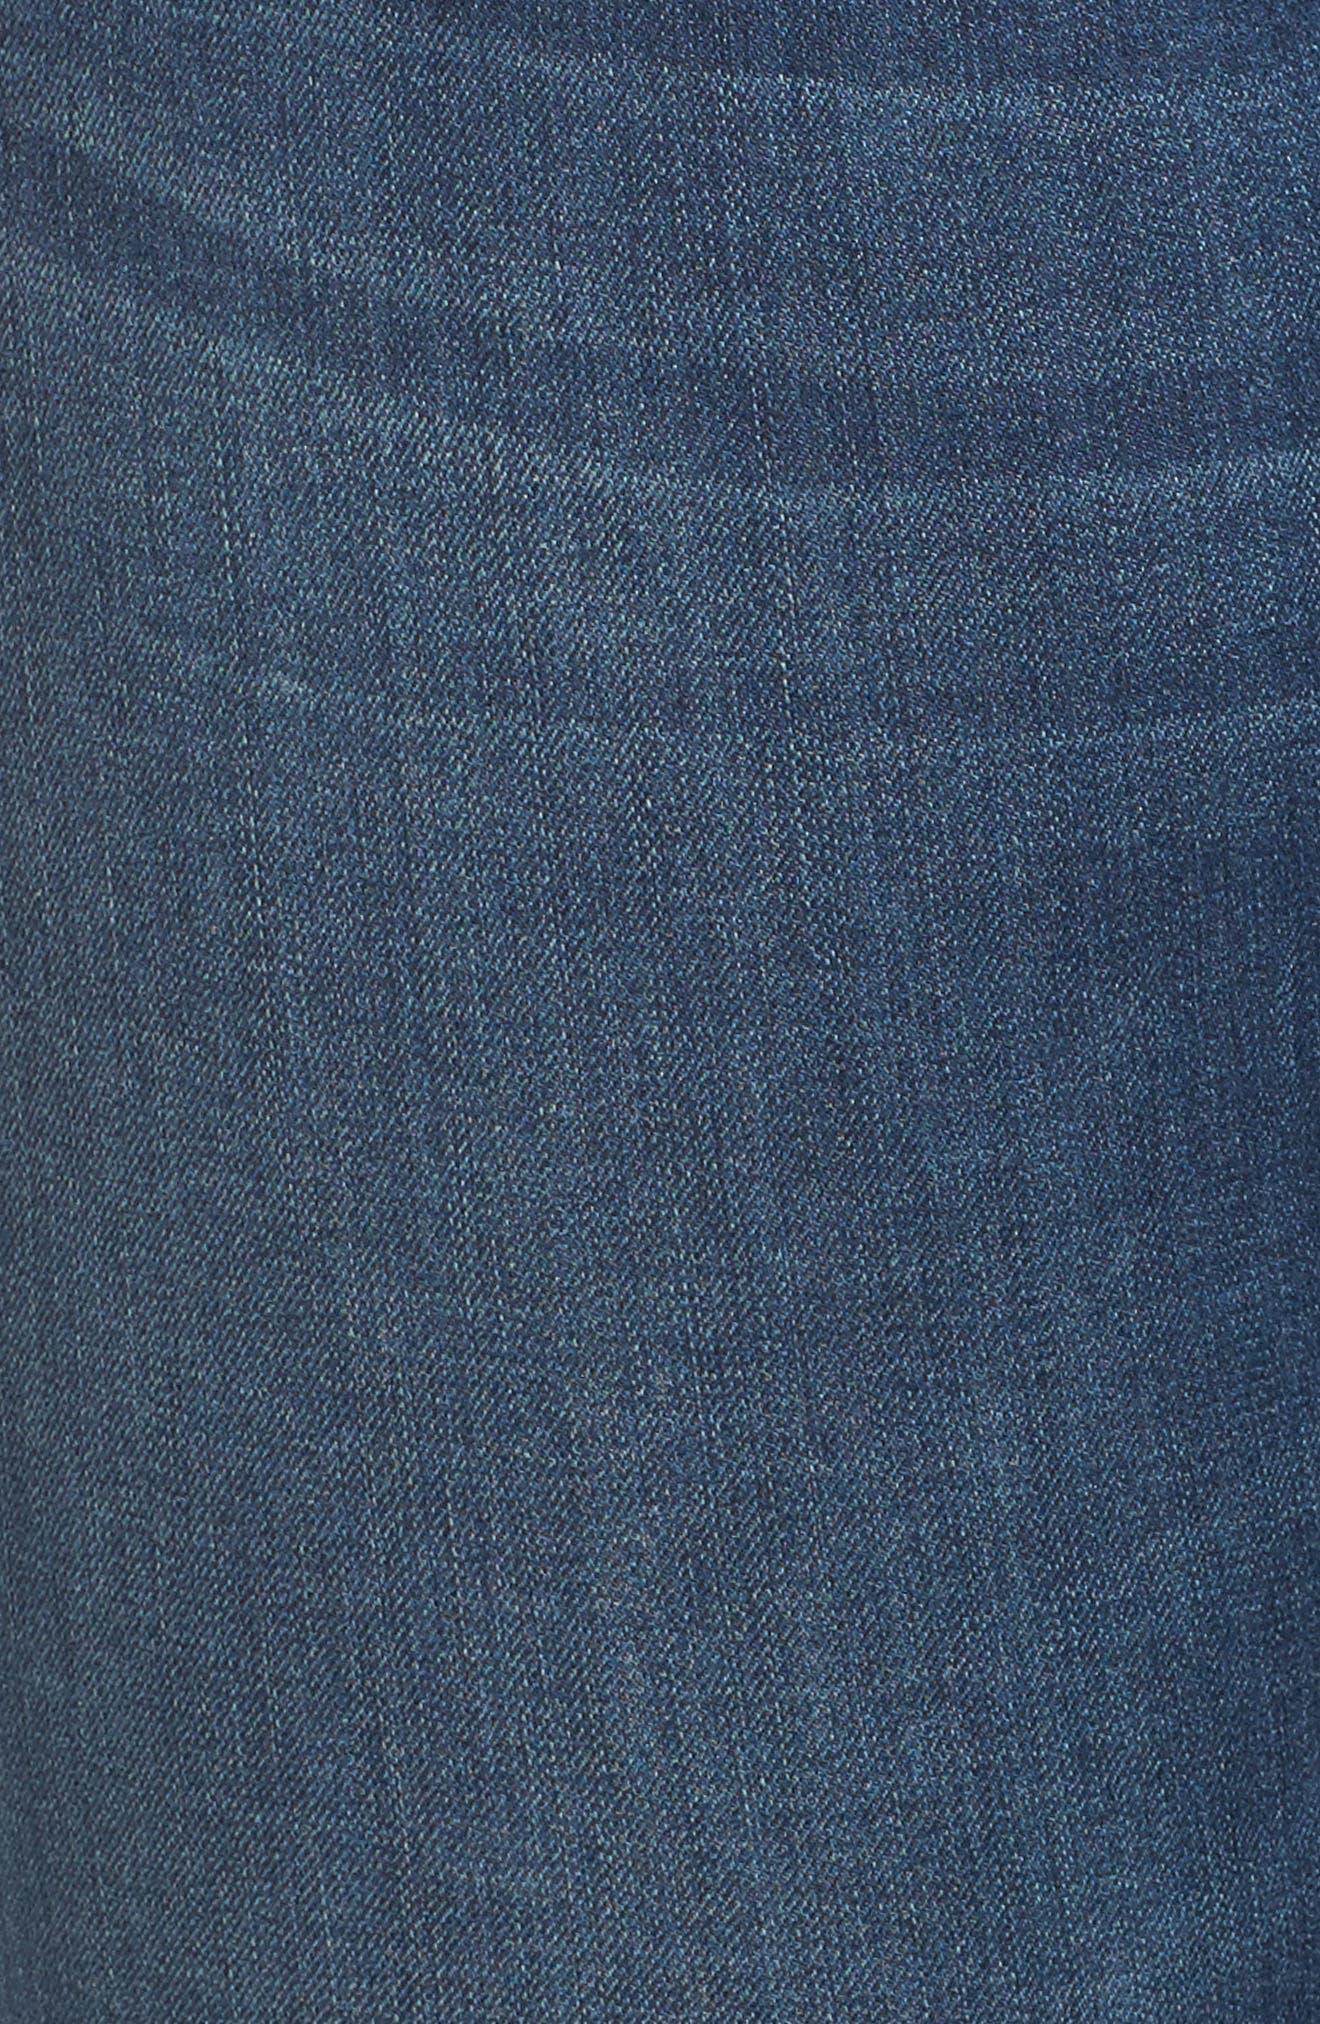 Ab-solution Boyfriend Ankle Jeans,                             Alternate thumbnail 6, color,                             420